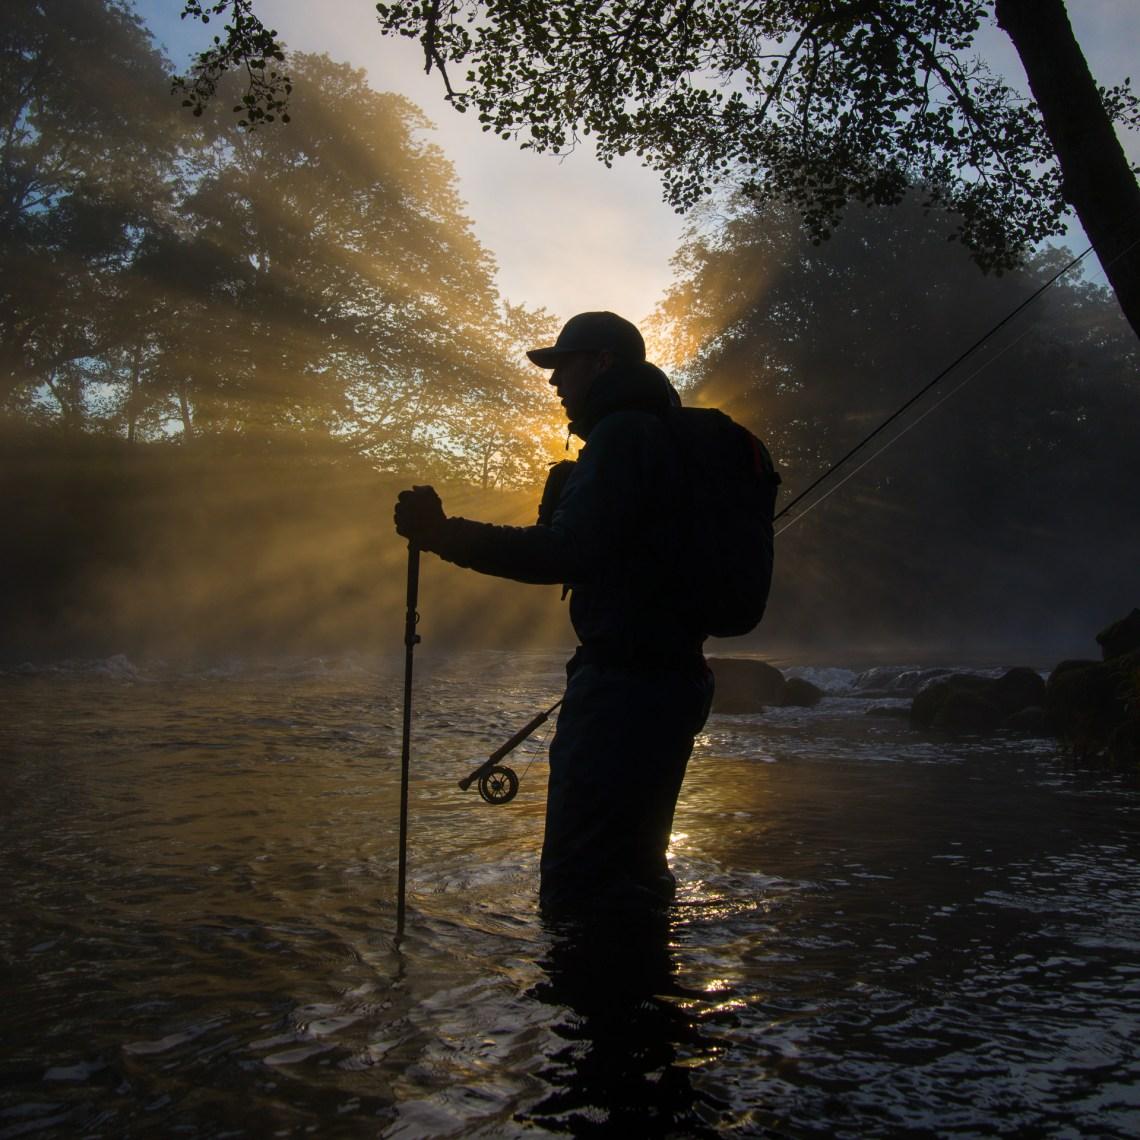 20191015-wading-staff-1-2